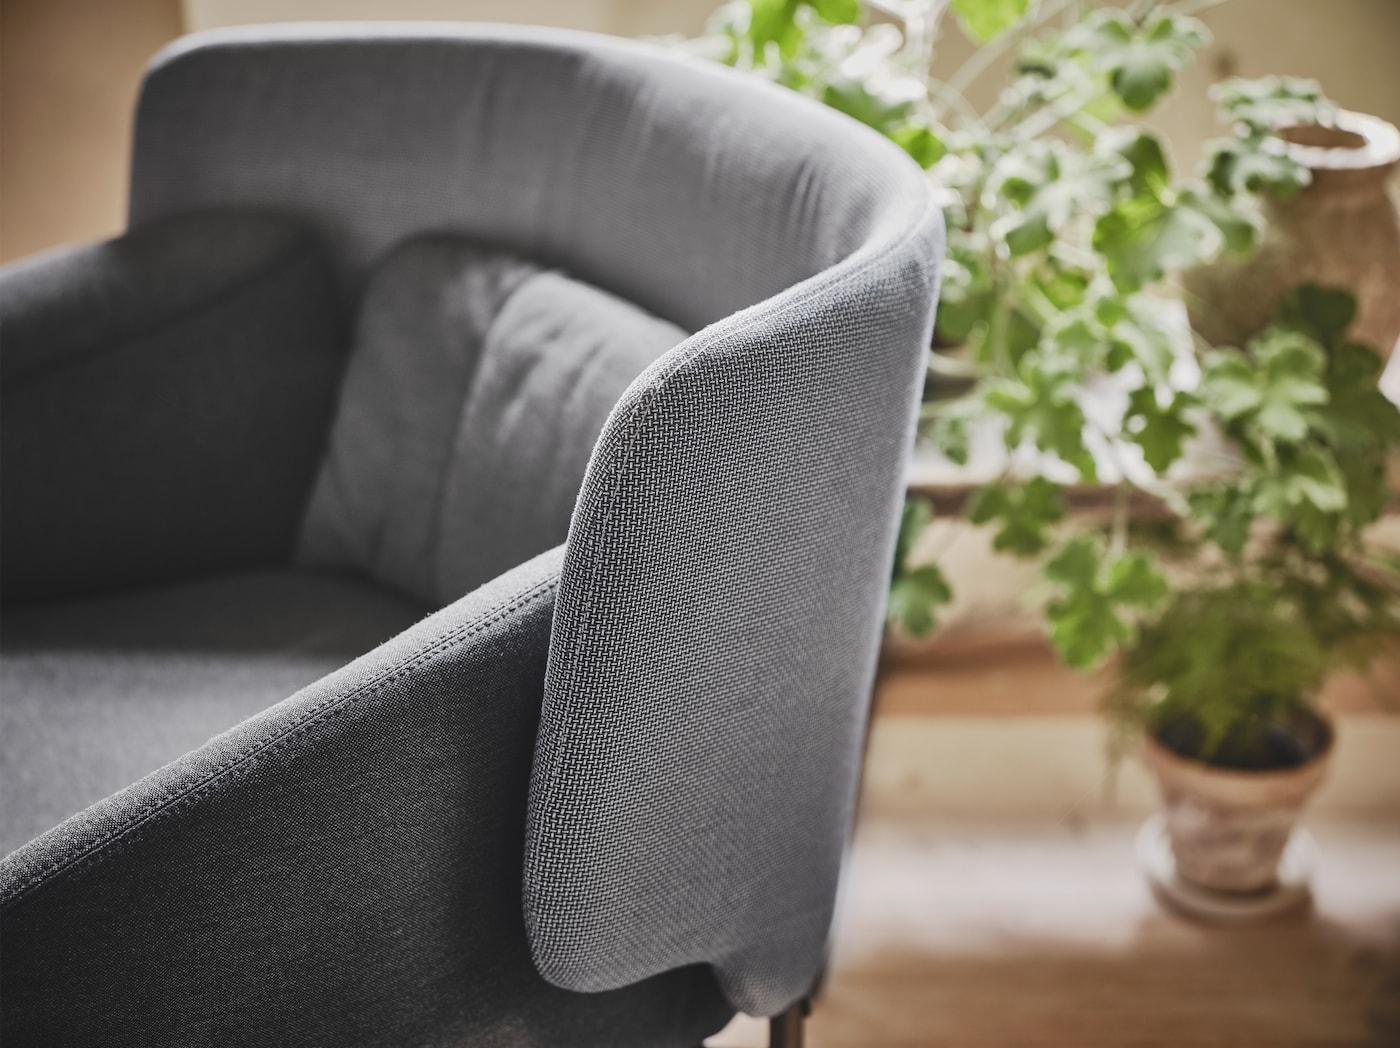 Krupan kadar sive BINGSTA fotelje sa zakrivljenim rukohvatima i zatvorenim zadnjim panelom.